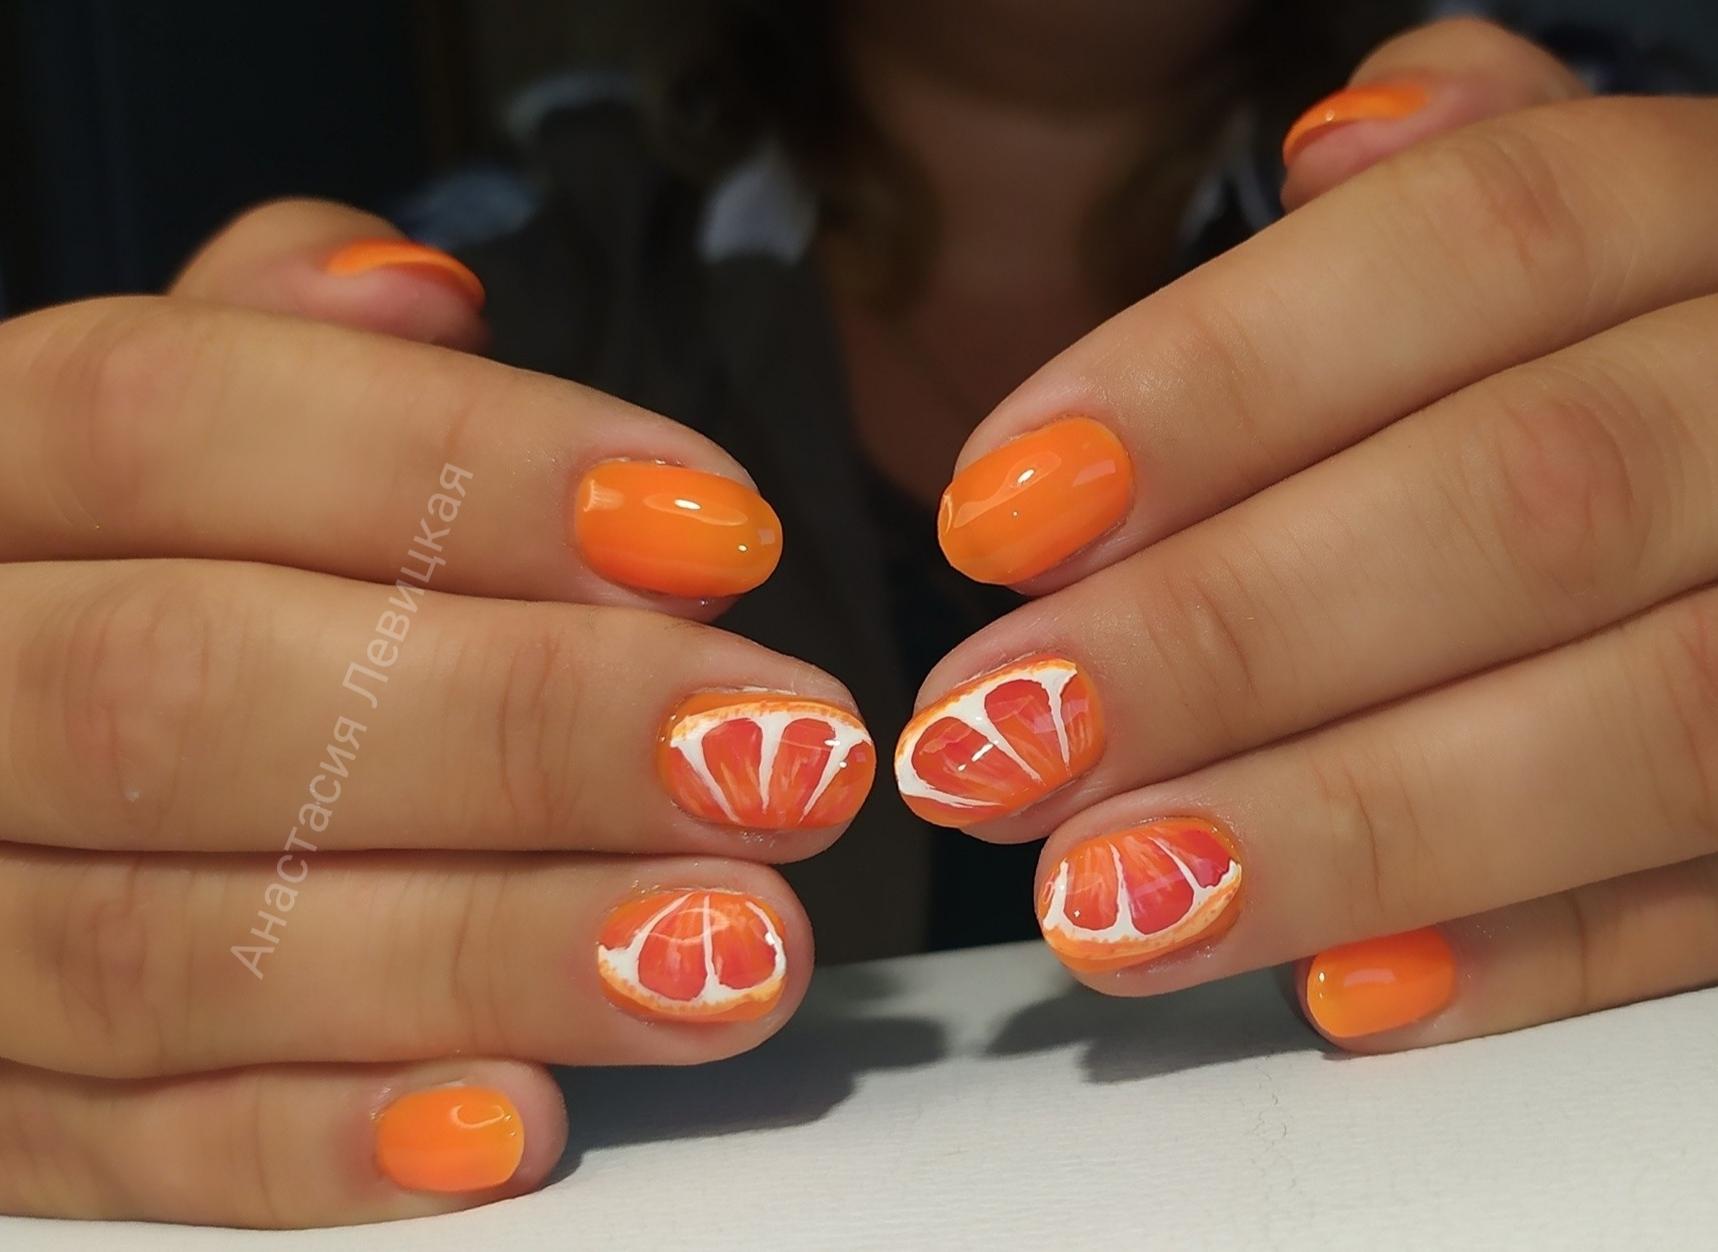 Маникюр с апельсином в оранжевом цвете на короткие ногти.